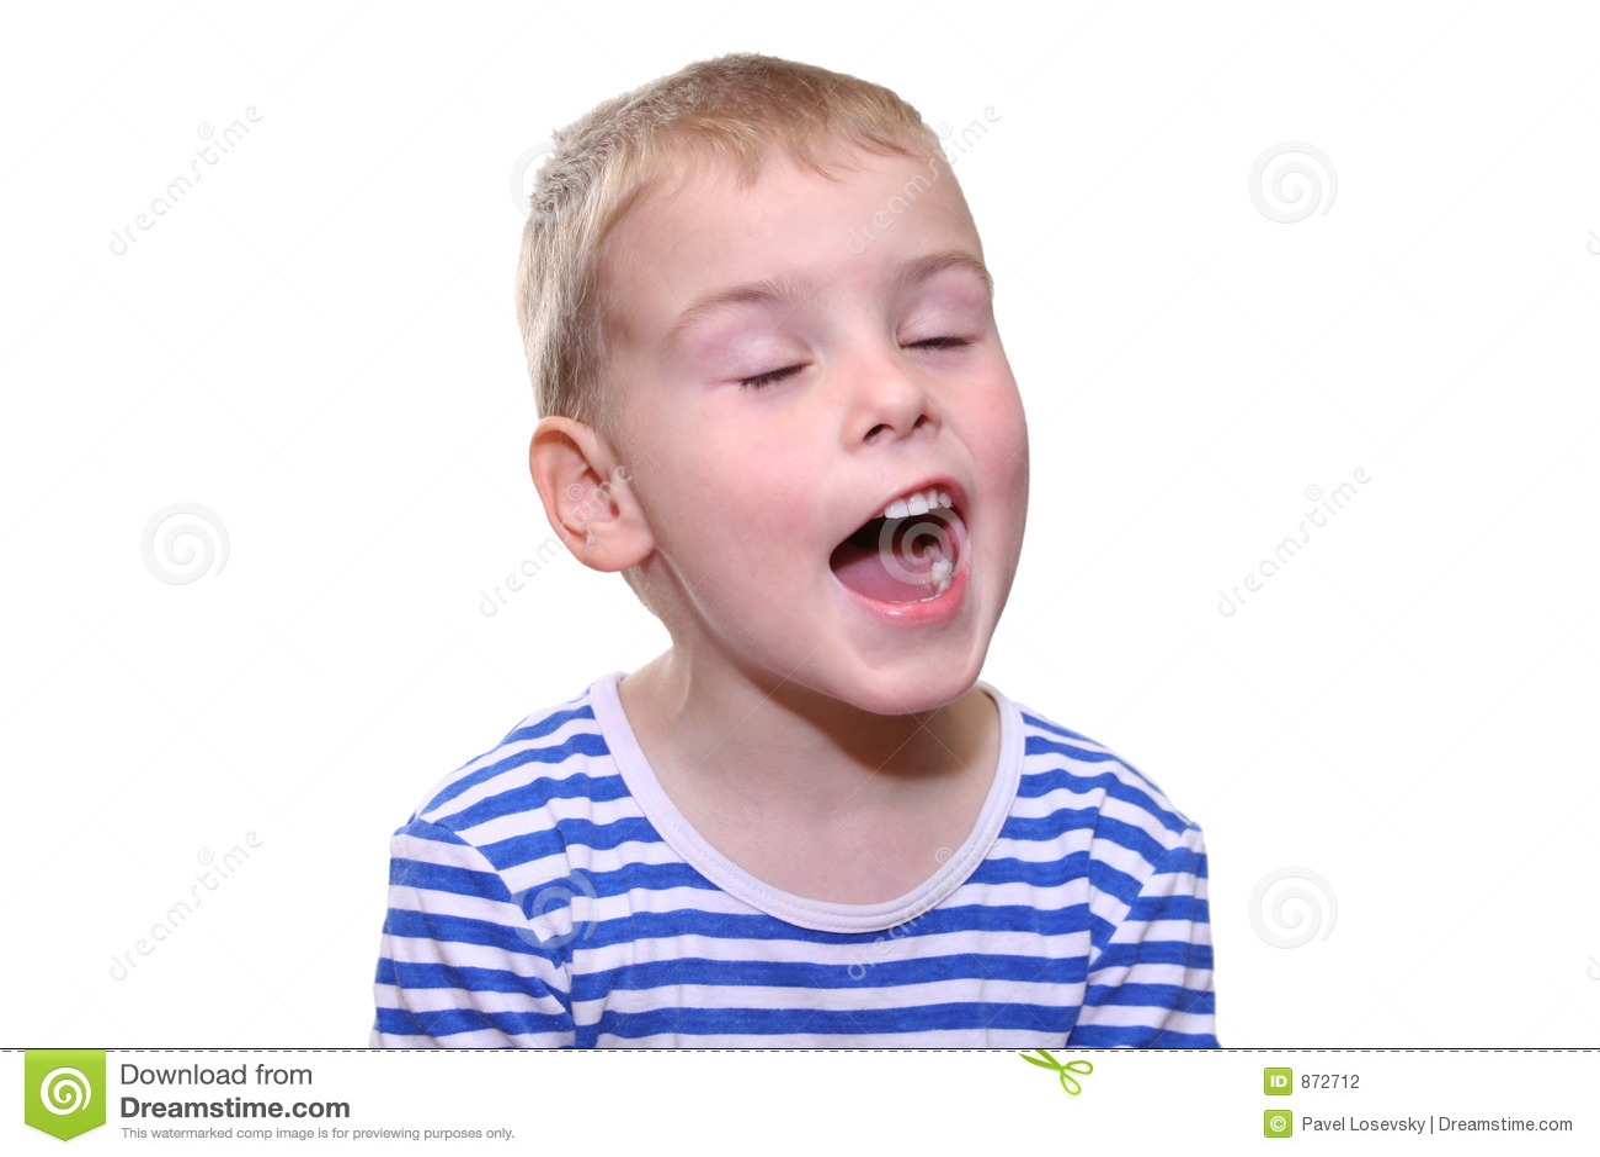 儿童唱歌 图库摄影 - 图片